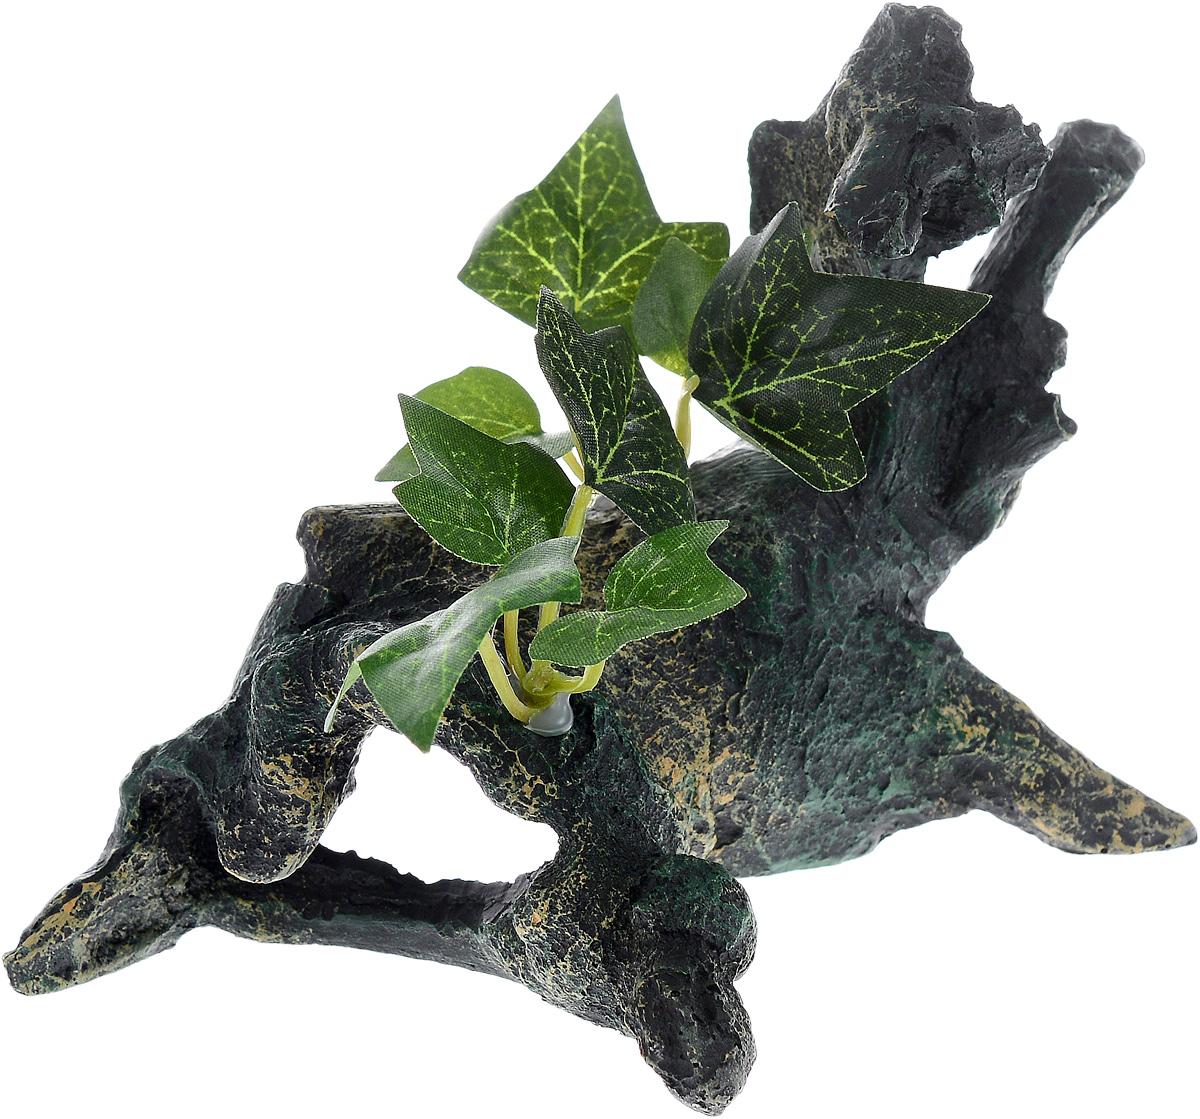 Декорация для аквариума Barbus Коряга с растением, 18 х 10,5 х 13 смDecor 025Декорация для аквариума Barbus Коряга с растением, выполненная из высококачественного нетоксичного полирезина, станет прекрасным украшением вашего аквариума. Изделие отличается реалистичным исполнением с множеством мелких деталей и отверстий. Ведь многие обитатели аквариума используют декорации как укрытия, в которых они живут и размножаются. Декорация абсолютно безопасна, нейтральна к водному балансу, устойчива к истиранию краски, подходит как для пресноводного, так и для морского аквариума. Благодаря декорациям Barbus вы сможете смоделировать потрясающий пейзаж на дне вашего аквариума или террариума.